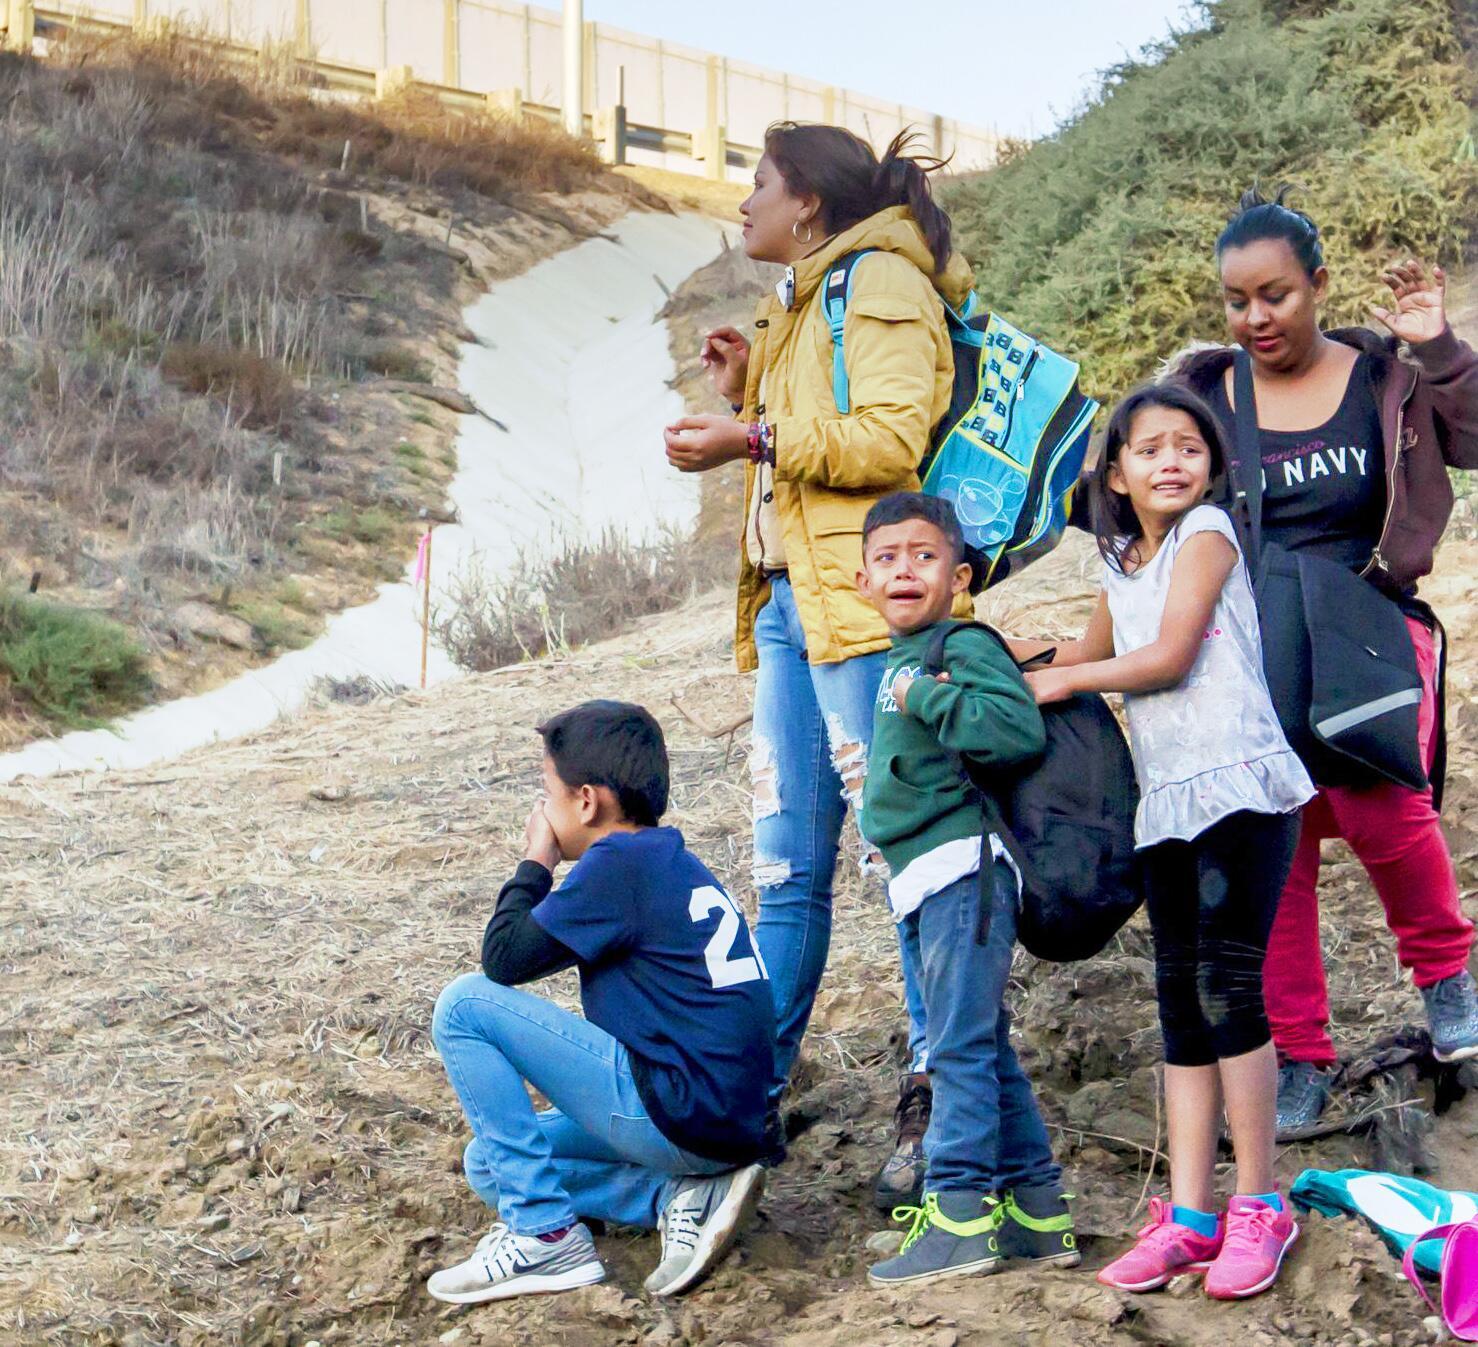 Bild zu Humanitäre Krise an US-Grenze